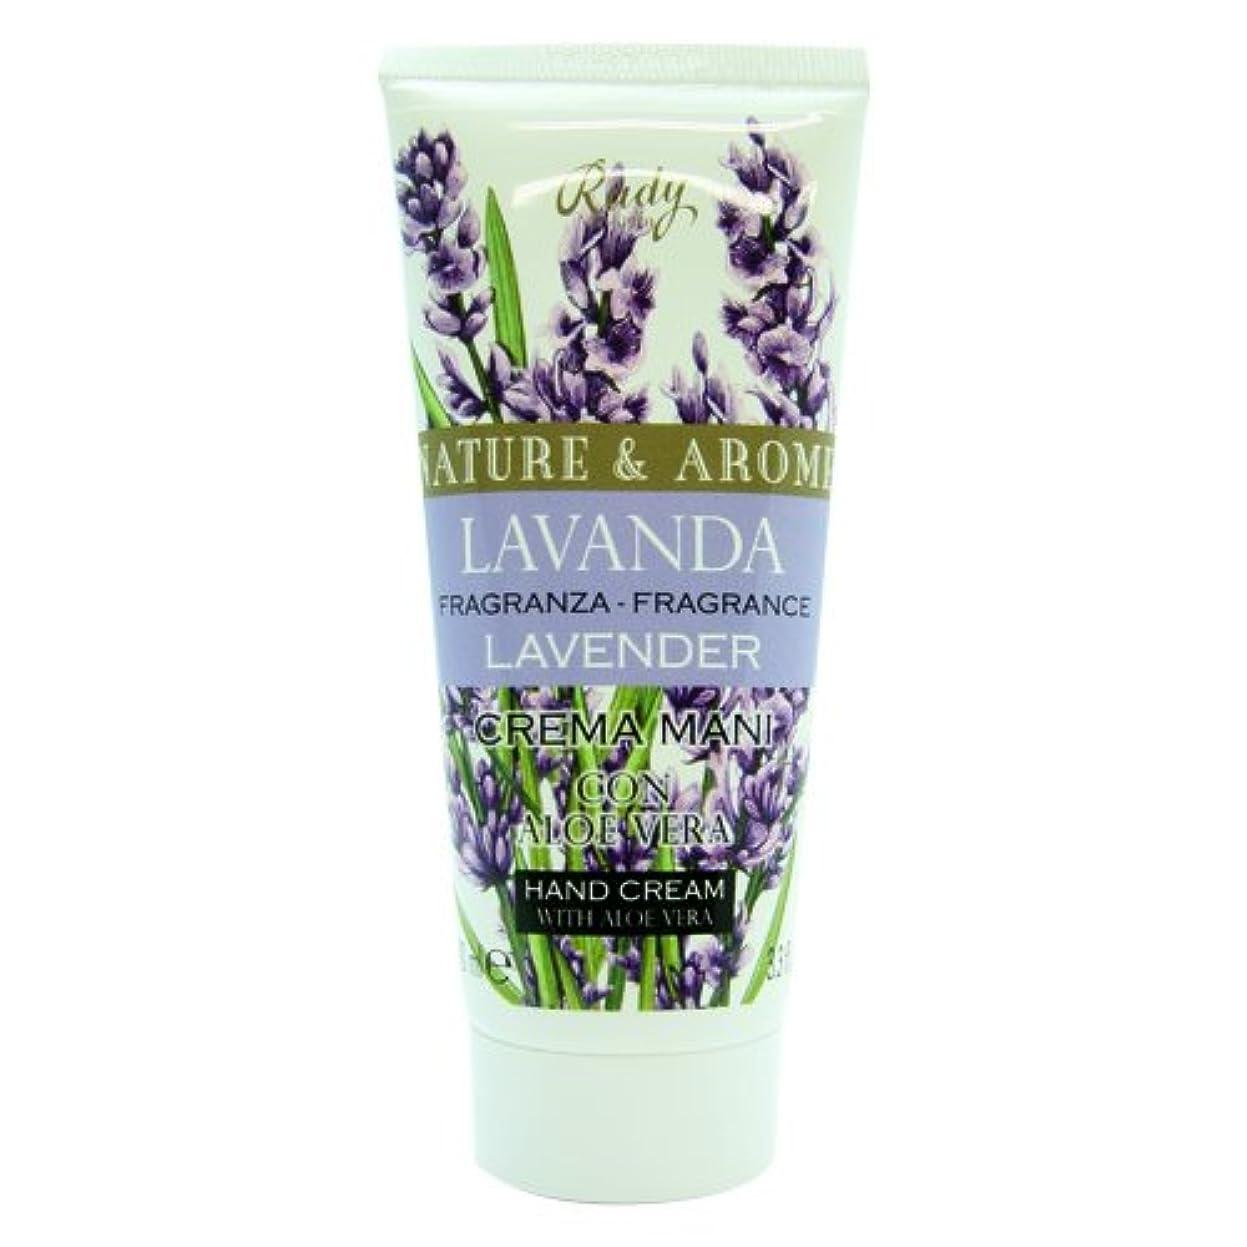 雄大な解明生き残りますRUDY Nature&Arome SERIES ルディ ナチュール&アロマ Hand Cream ハンドクリーム  Lavender ラベンダー